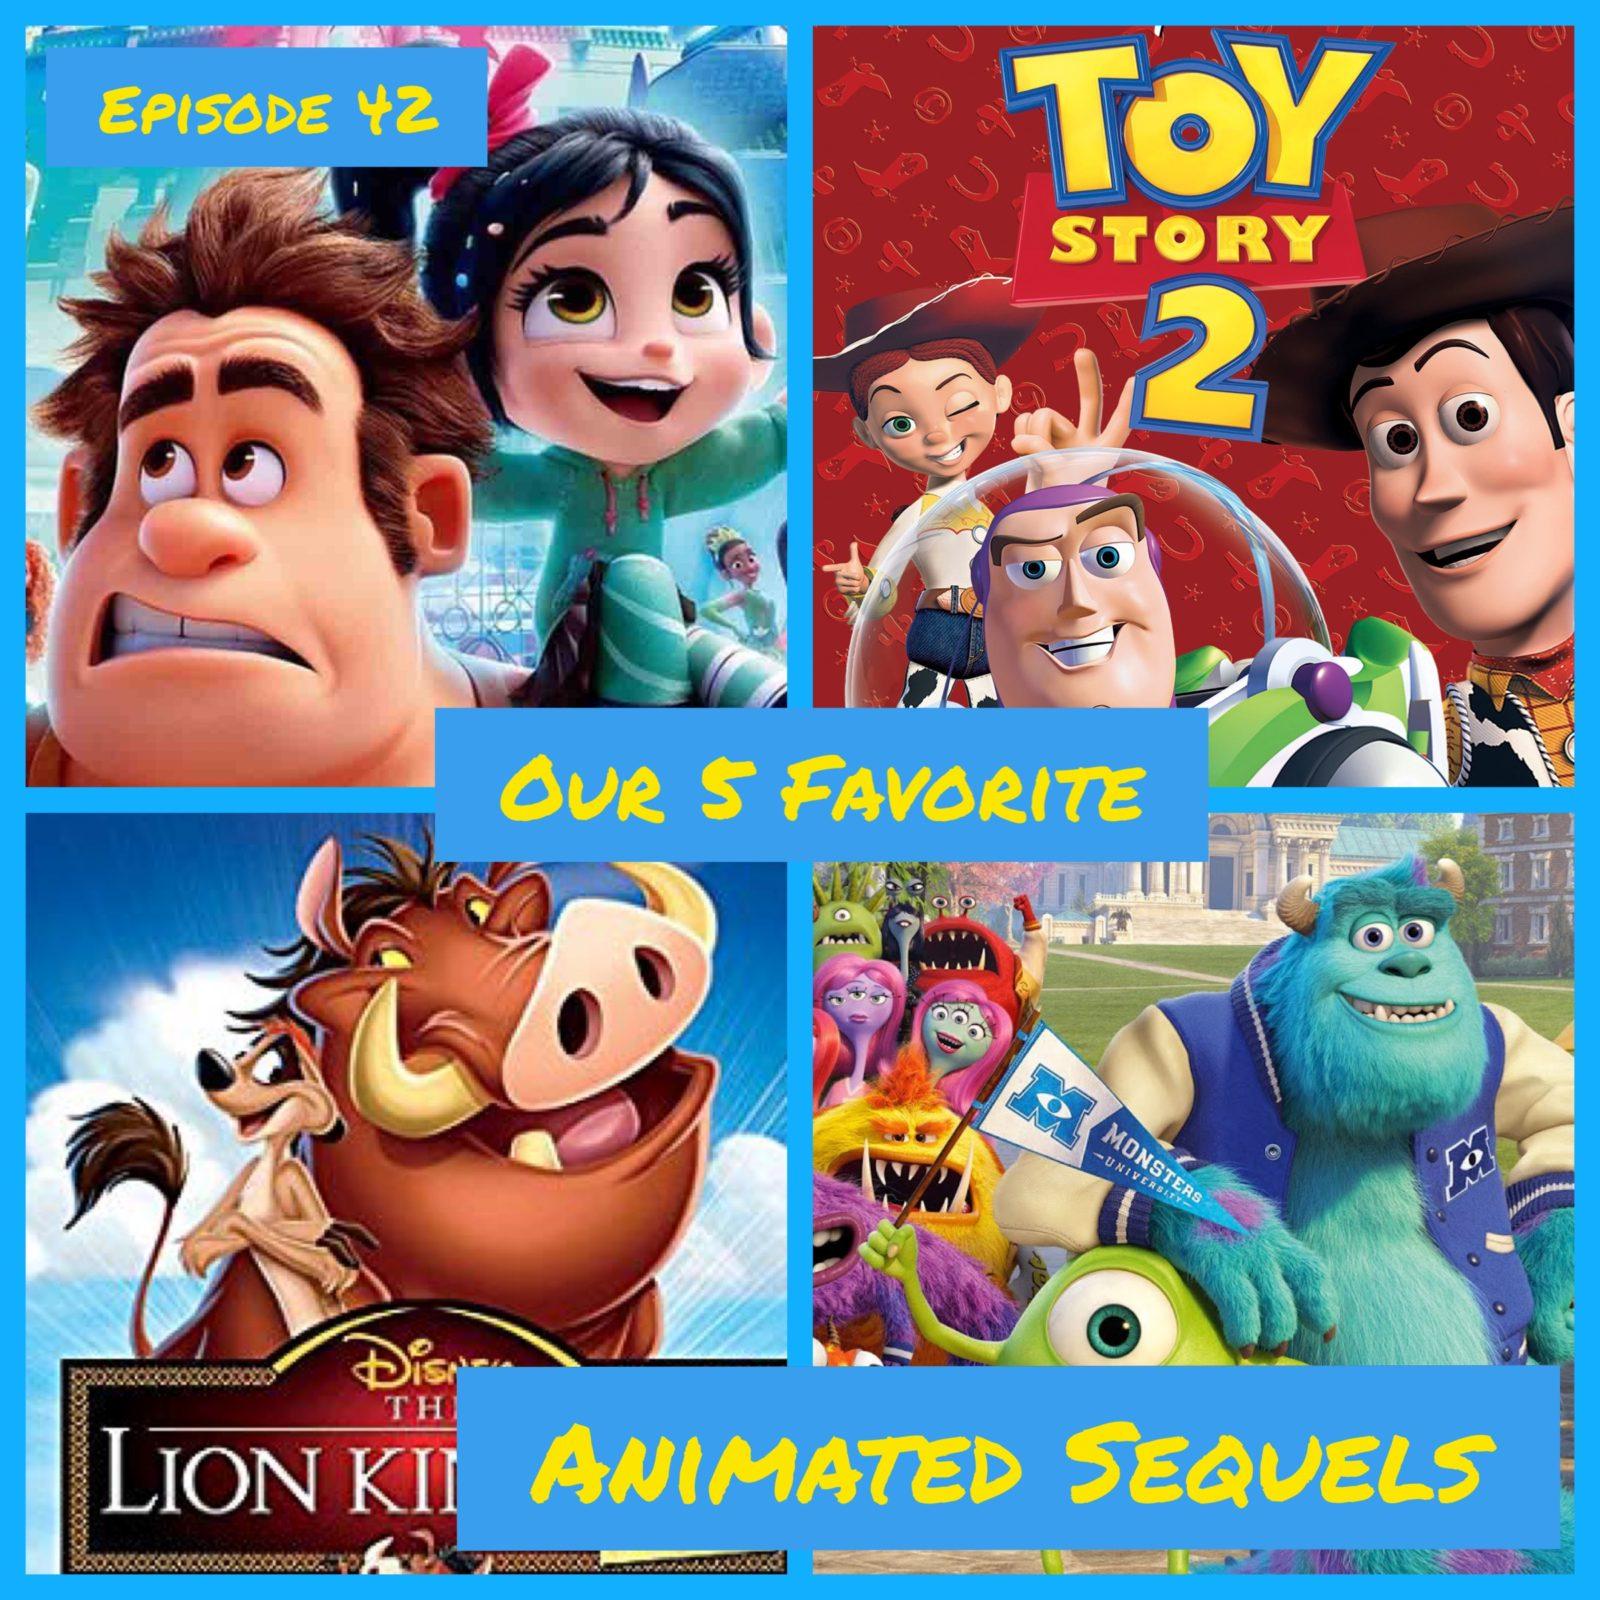 5 Favorite Animated Sequels